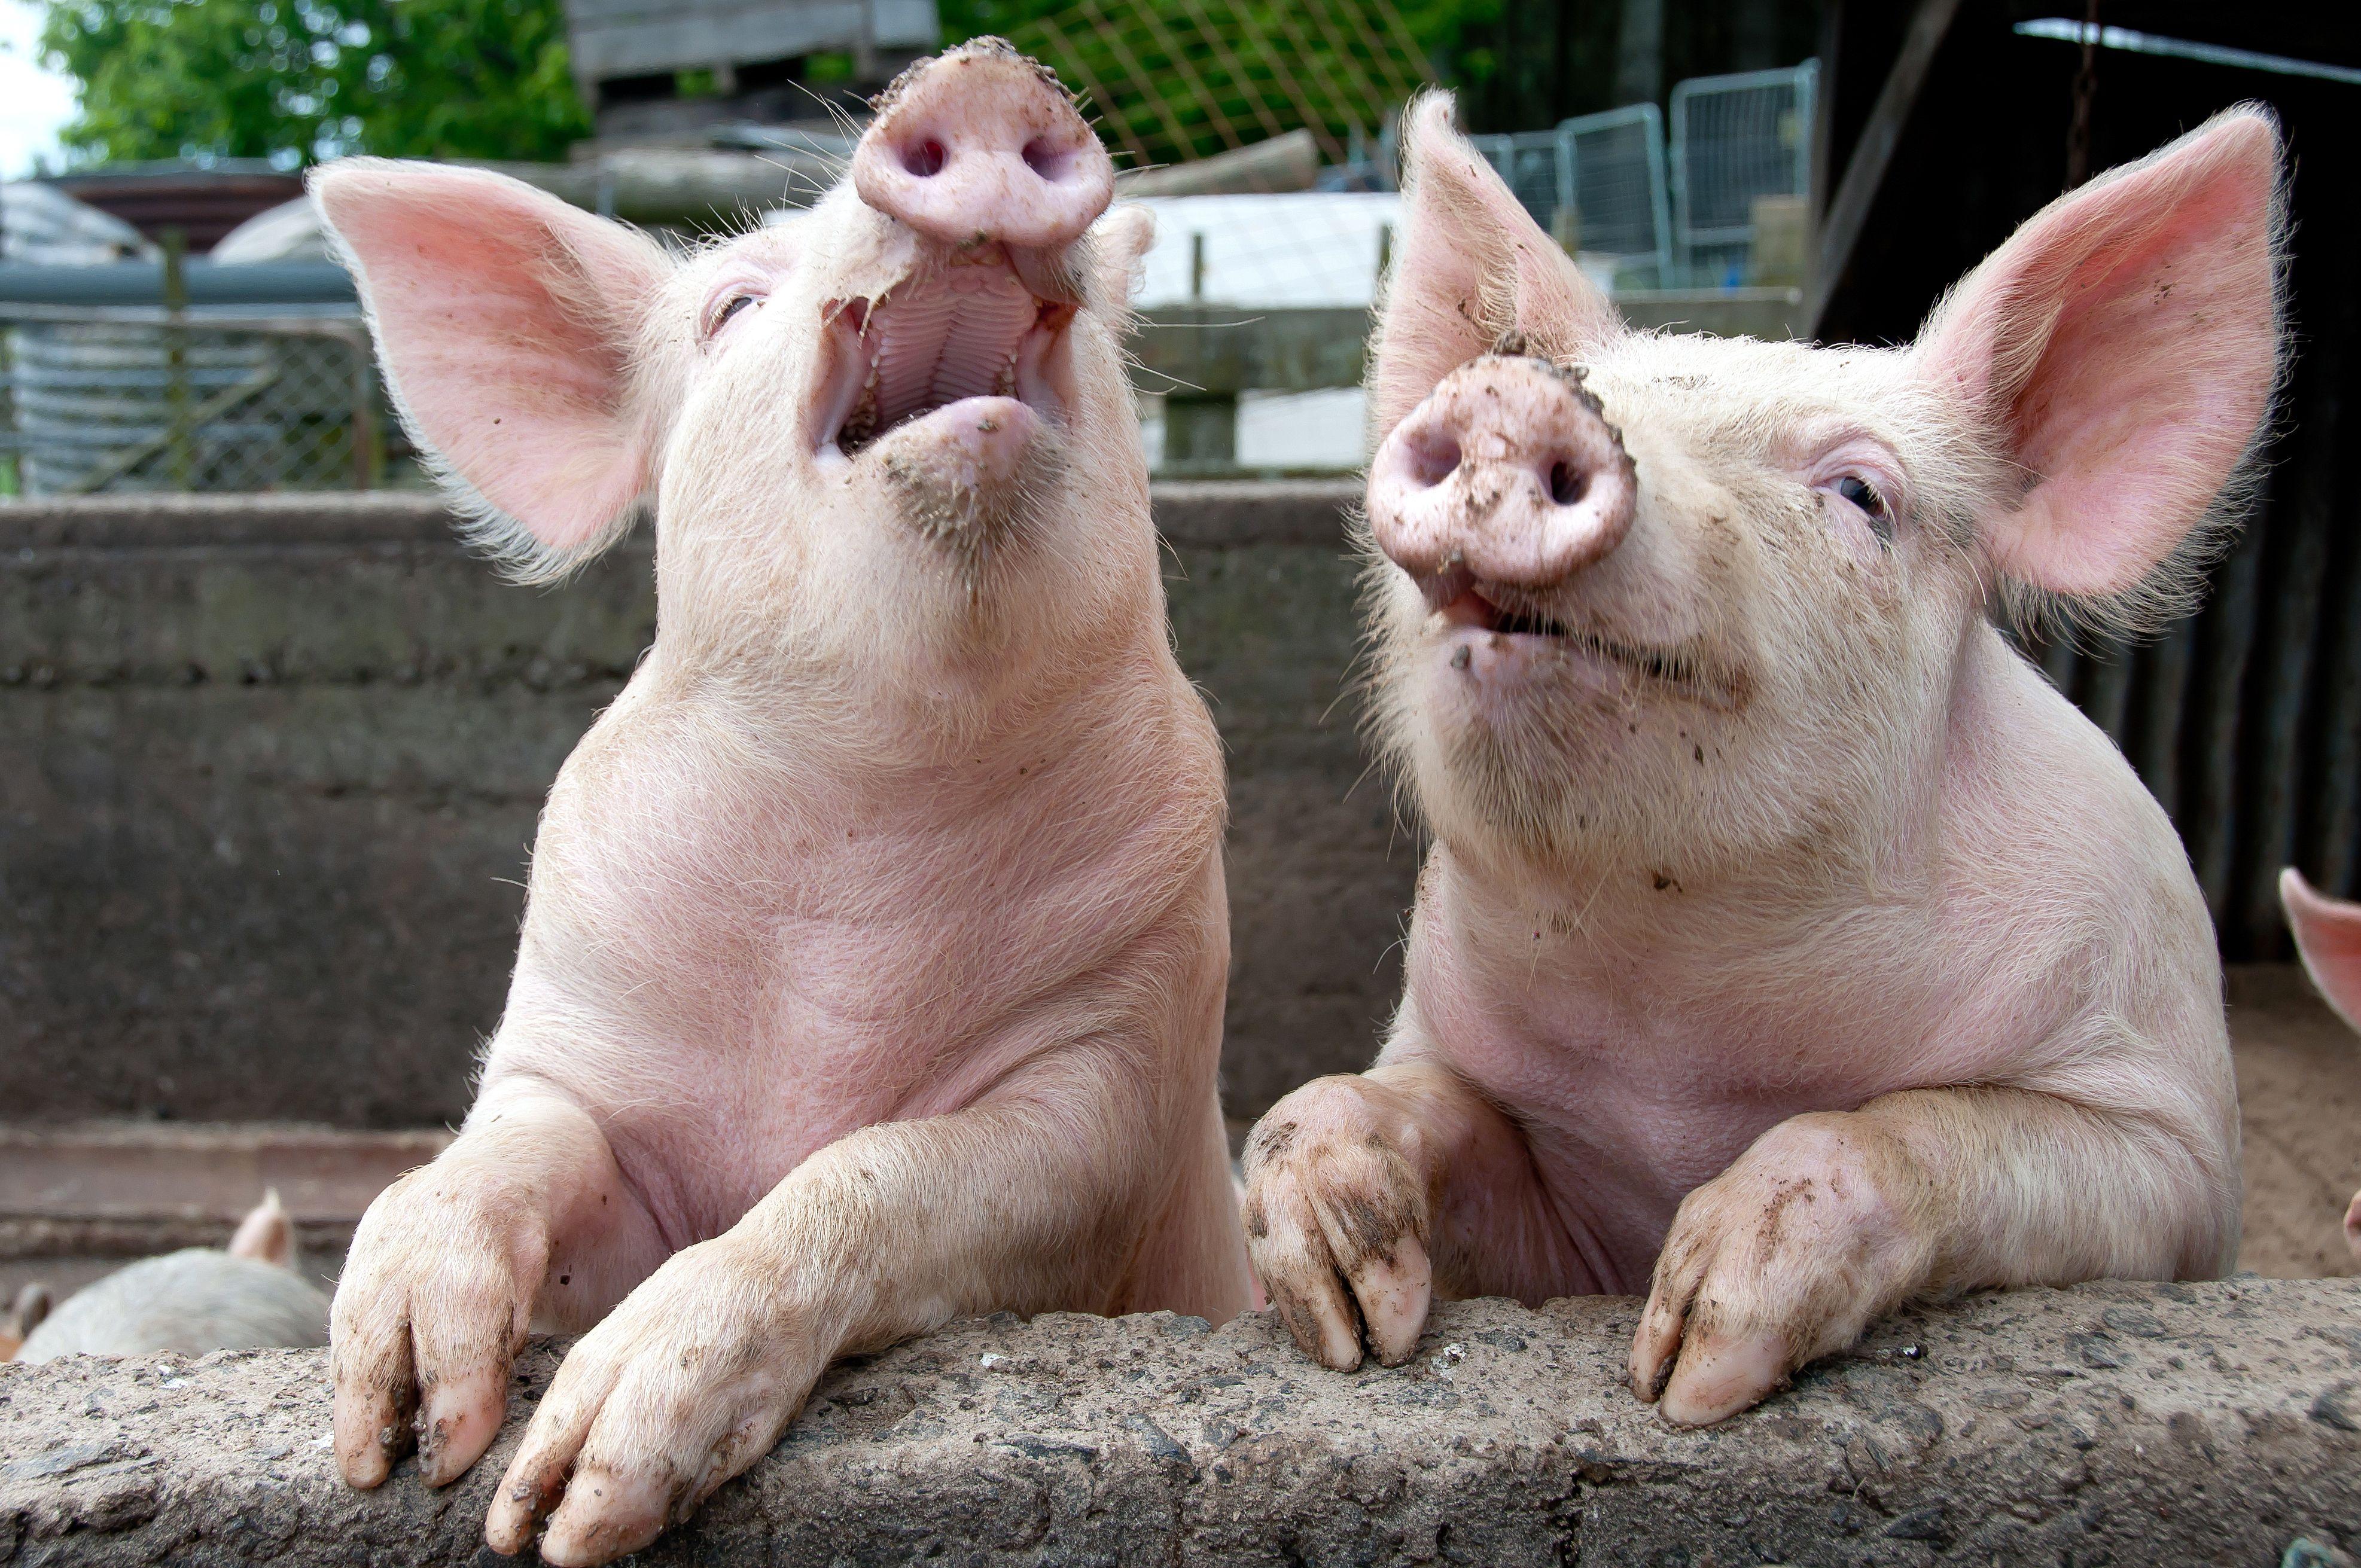 ... Og så løp grisen ut!Foto: Shutterstock/ janecat